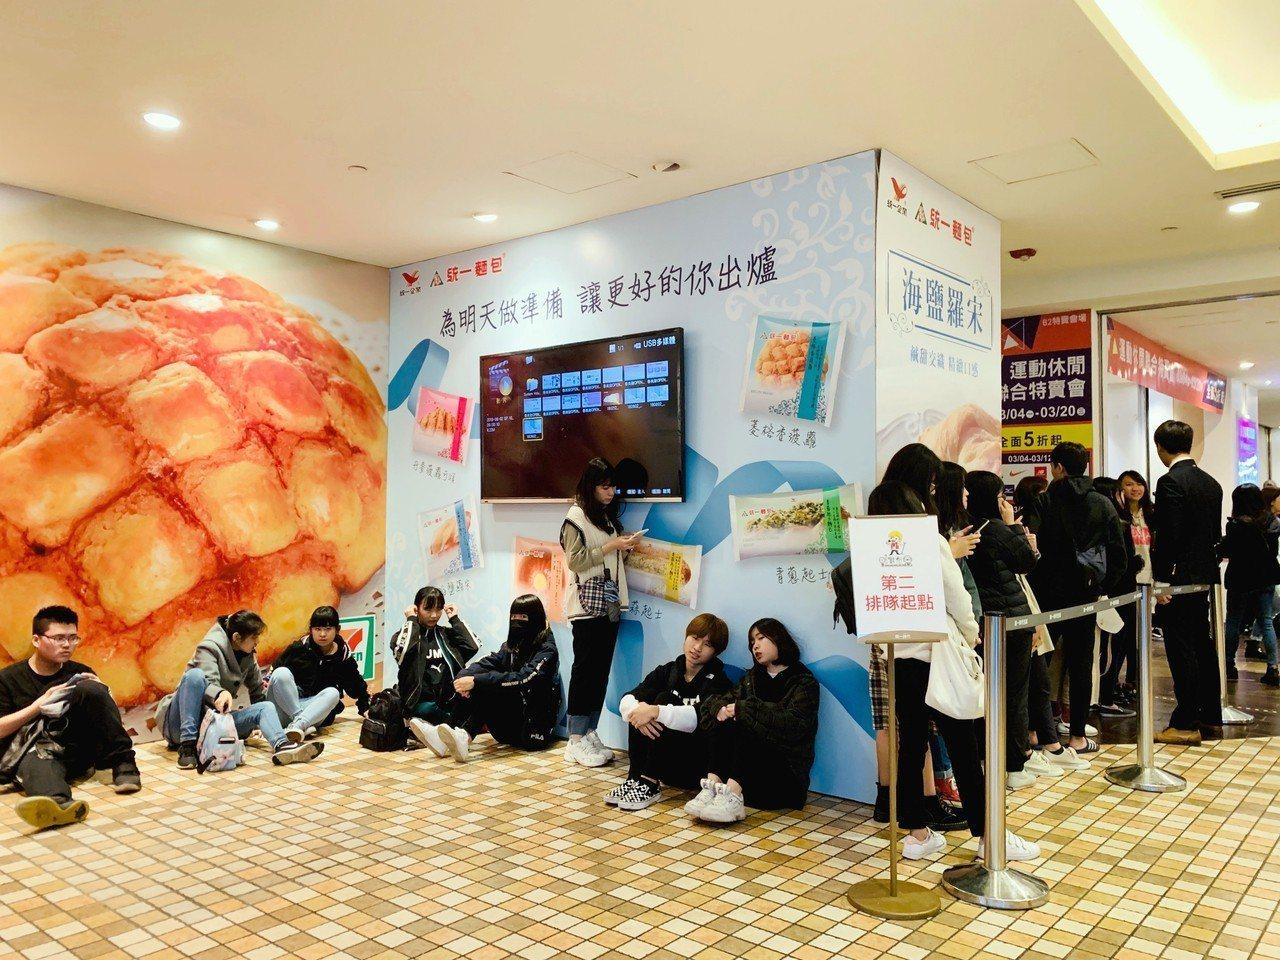 許多民眾甘願排隊等待數小時。記者張芳瑜/攝影